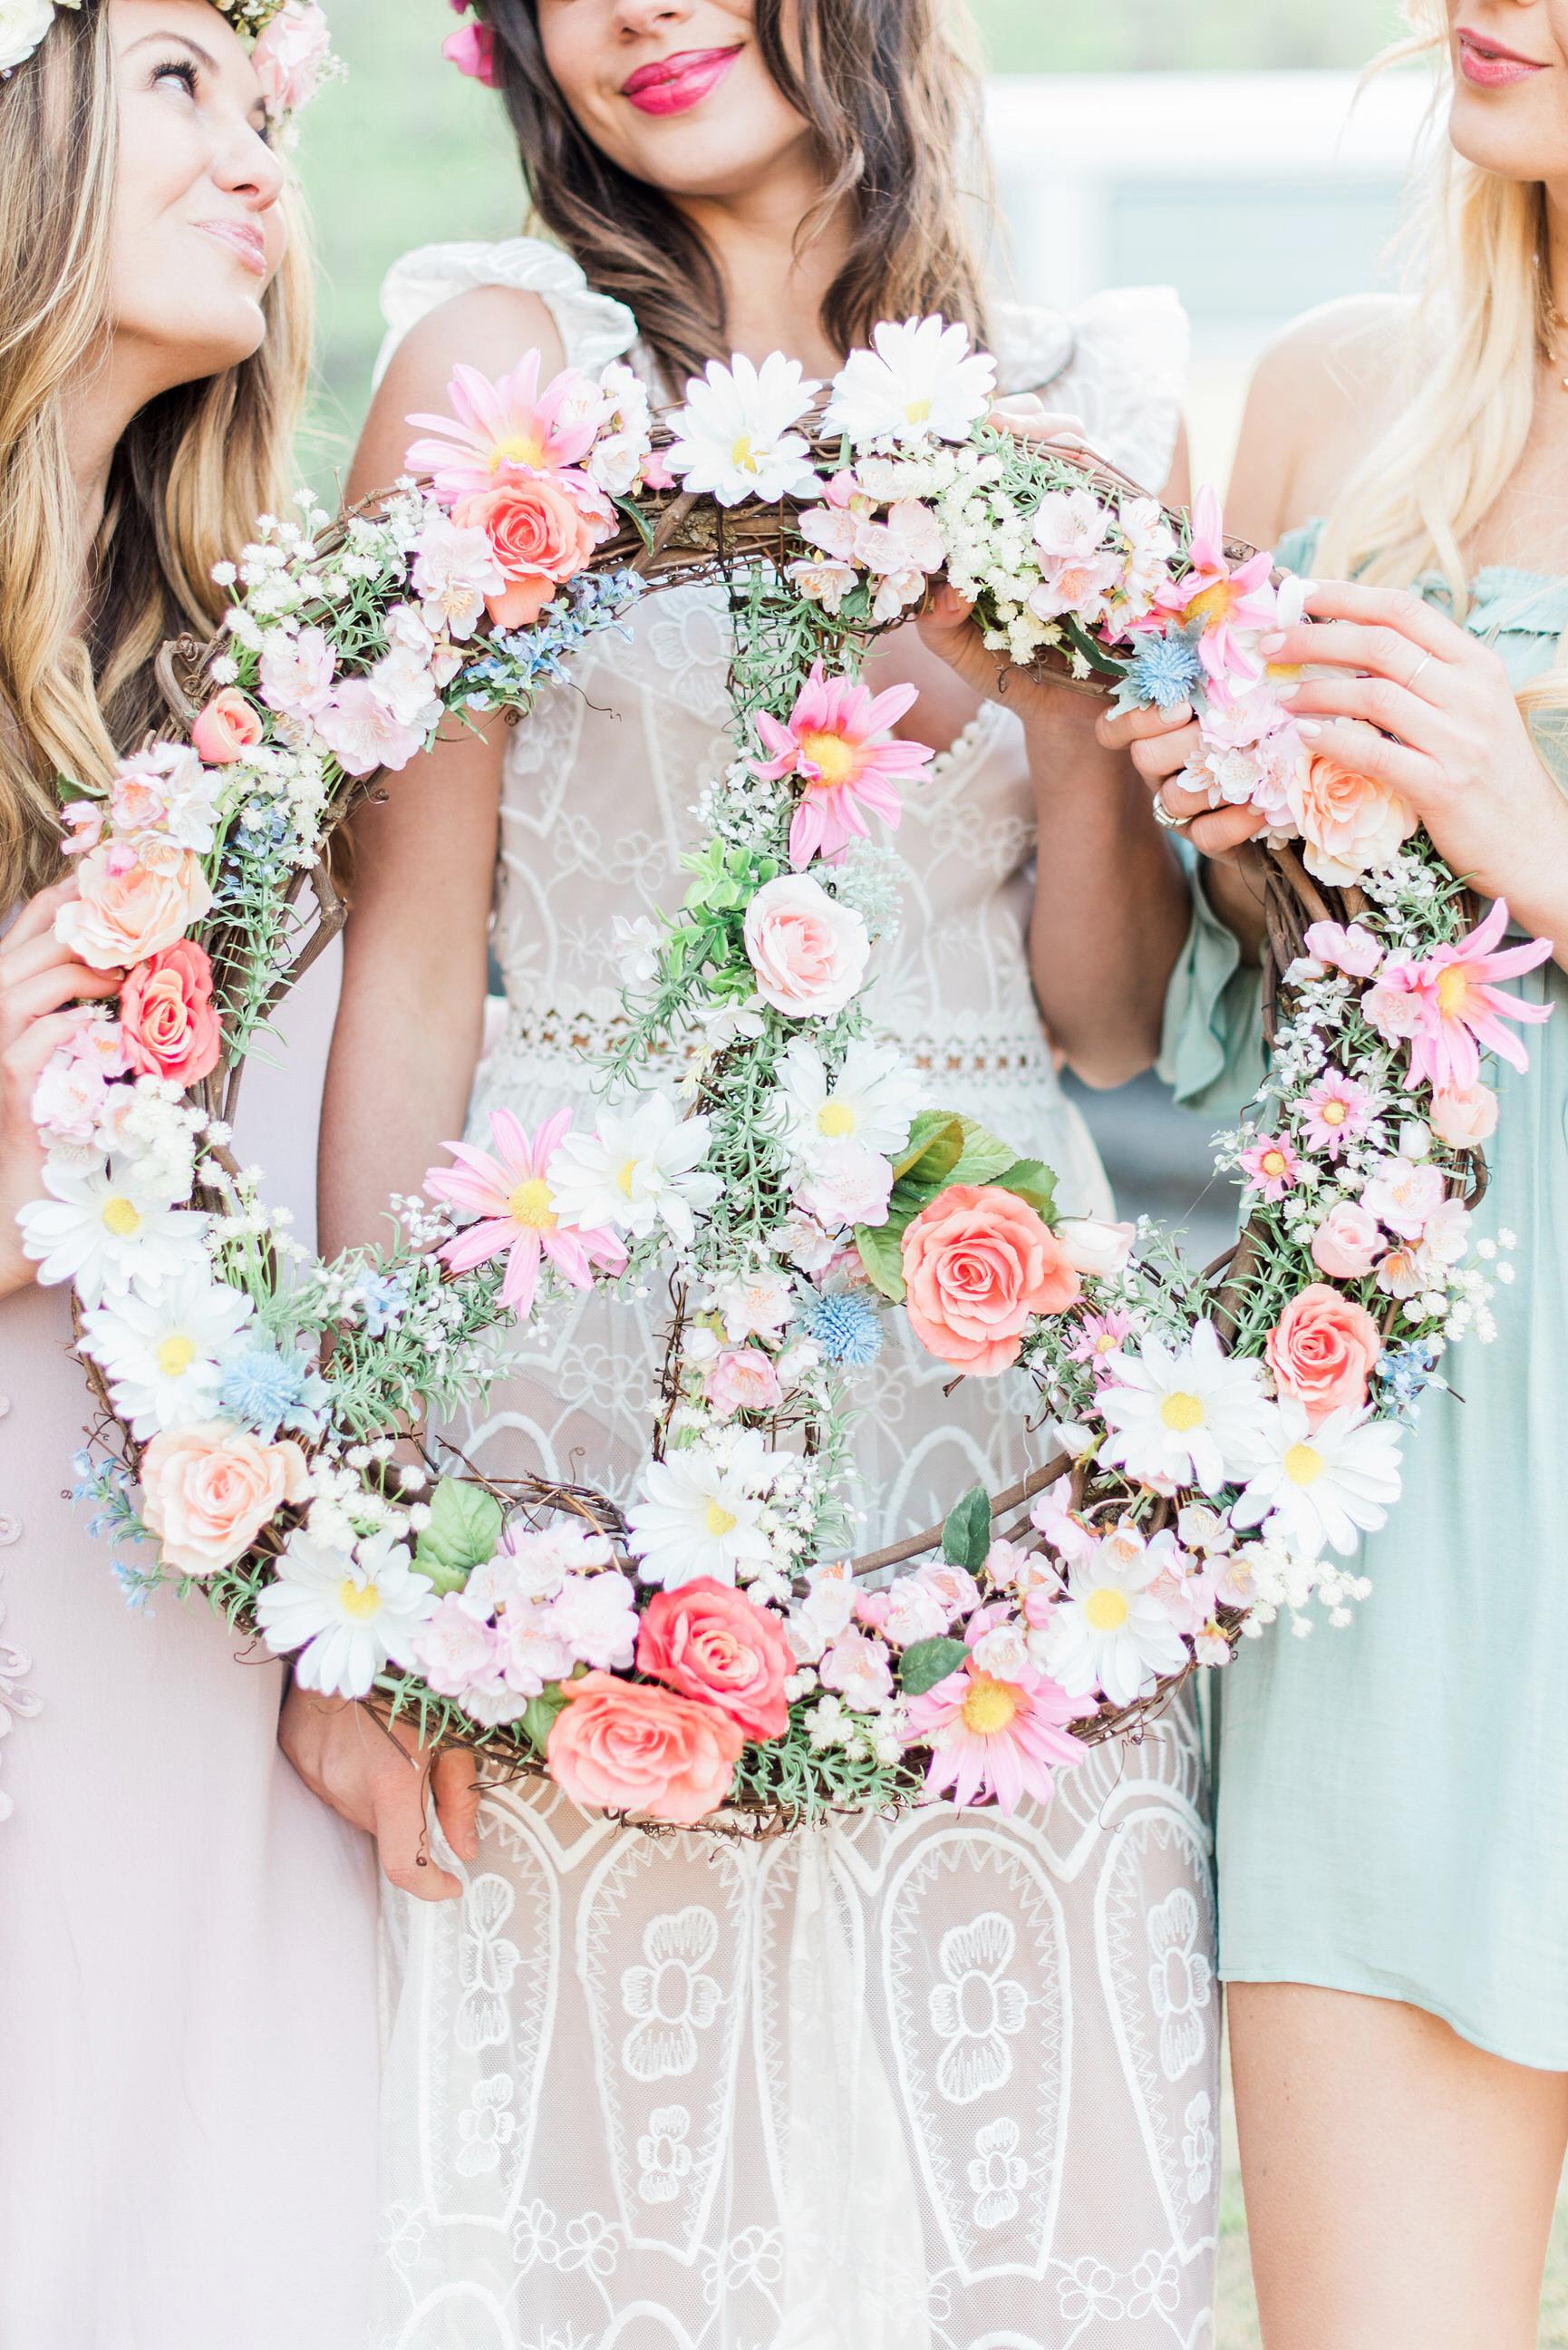 peace sign wreath bachelorette party decor